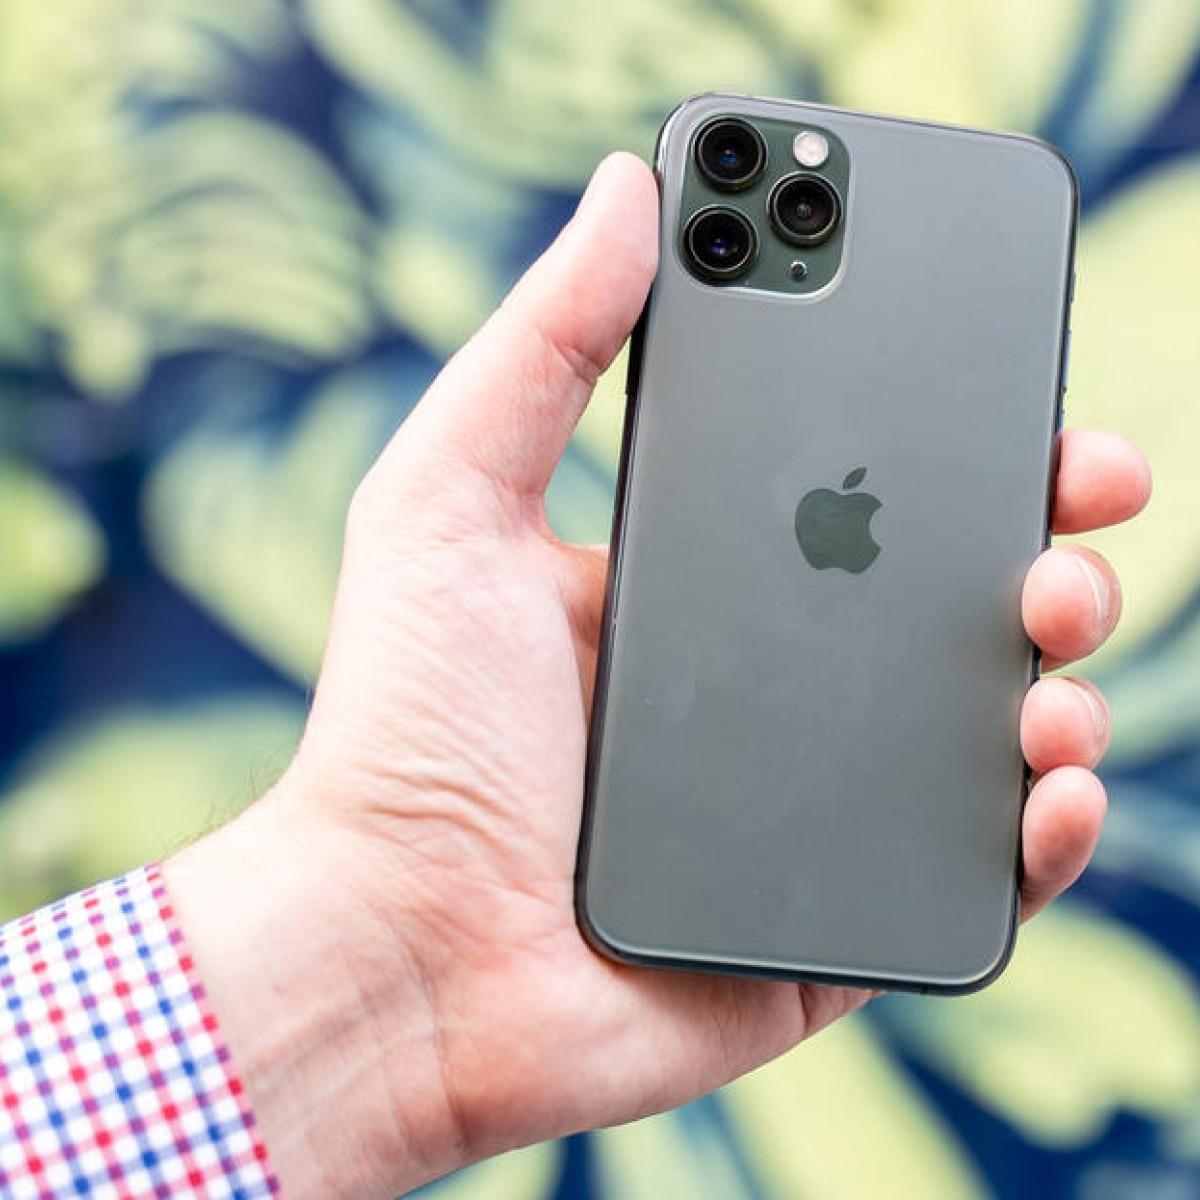 Potente Iphone 11 Pro Max Permite Uso Por Mais De Um Dia Link Estadao